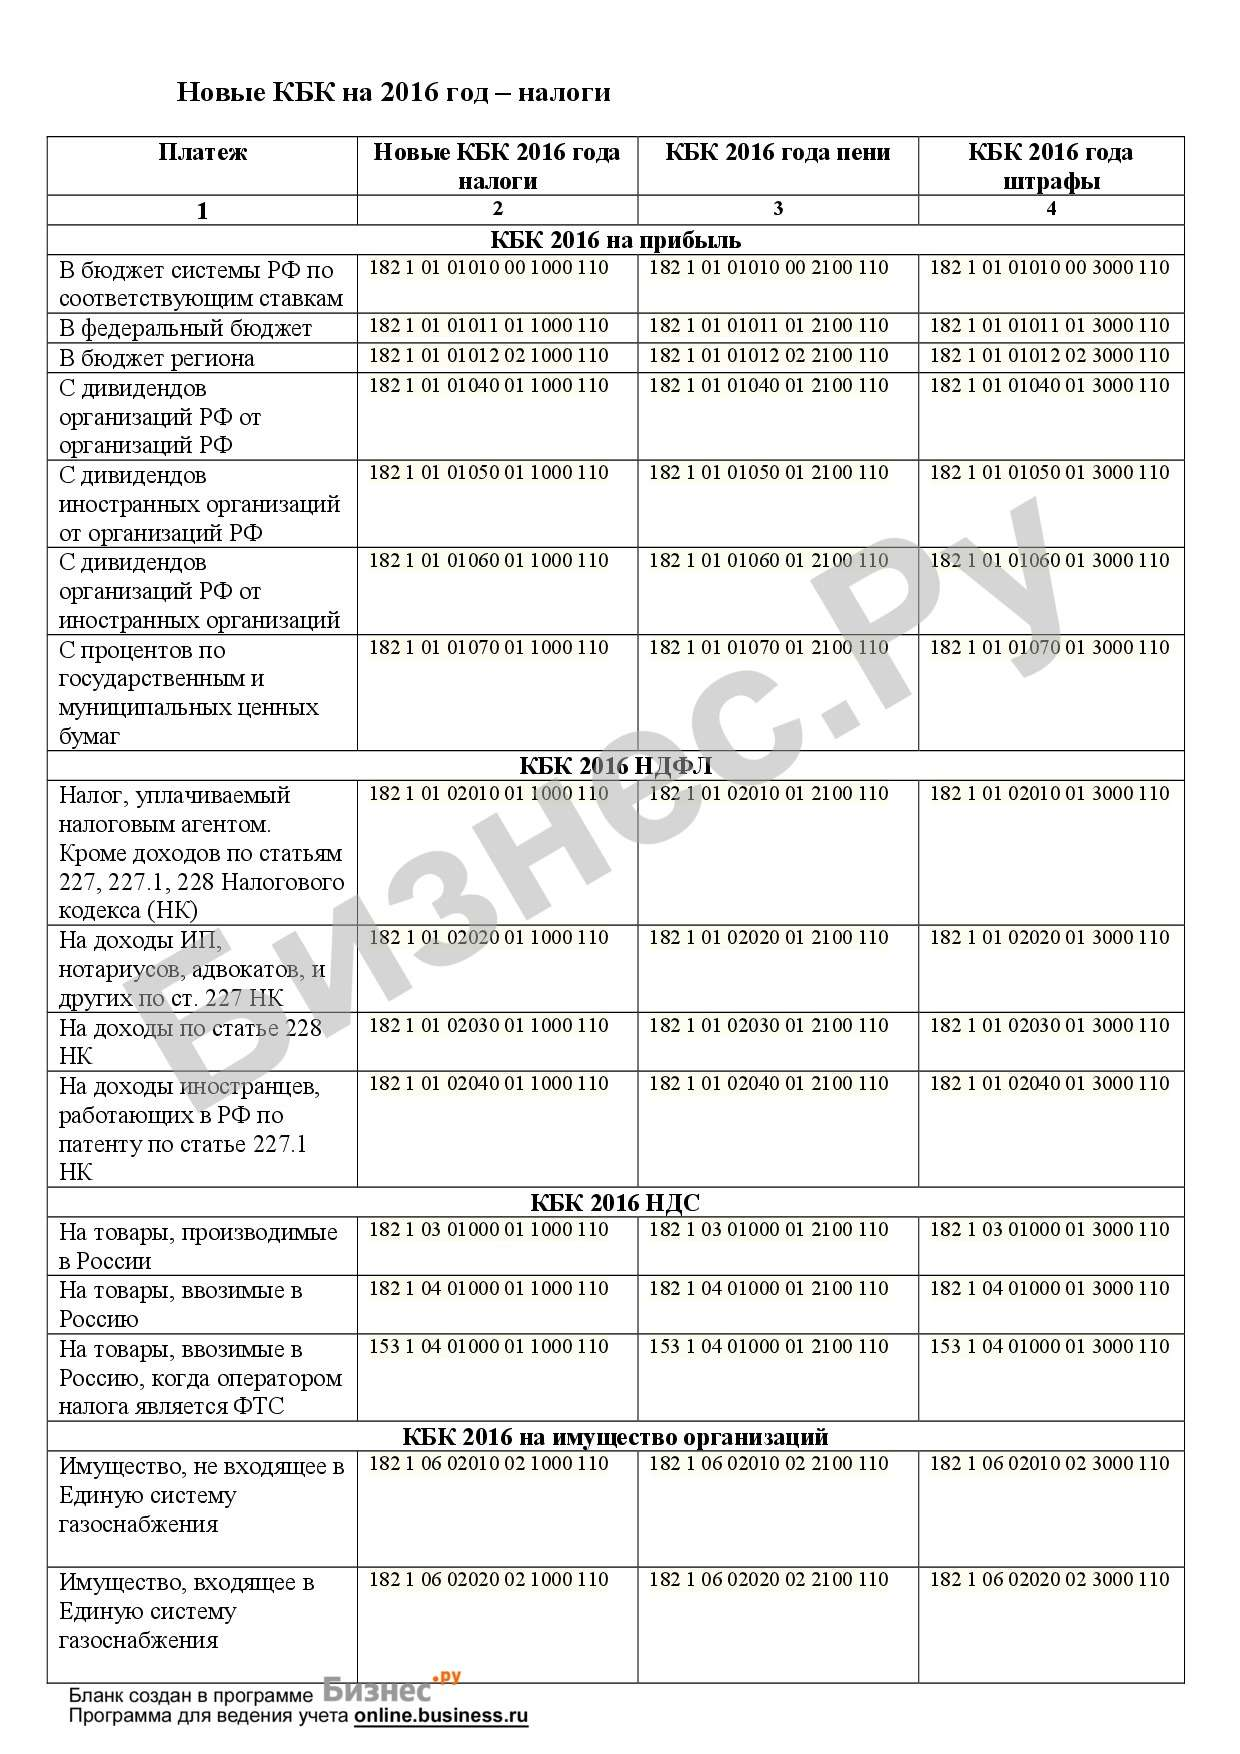 бланк счета-фактуры с 09.06.2017